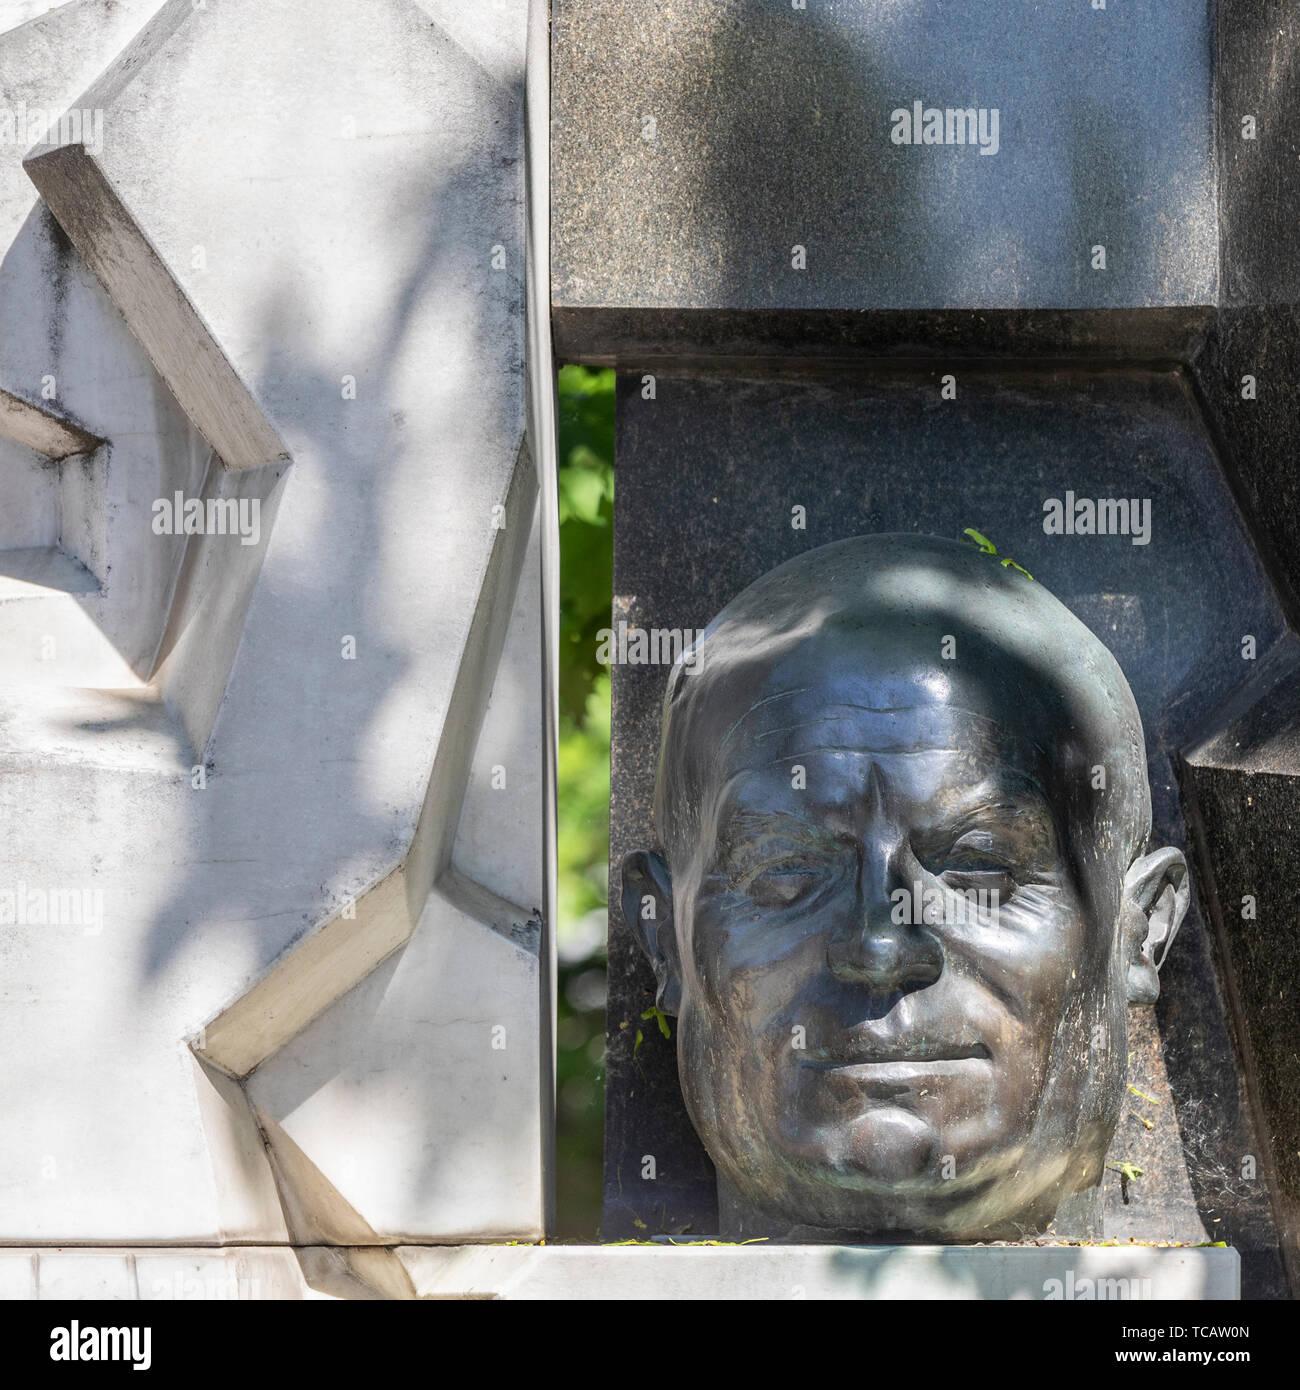 Busto de premier soviético Nikita Khrushchev en su sepultura en el cementerio de Novodevichy, Moscú, Rusia Foto de stock